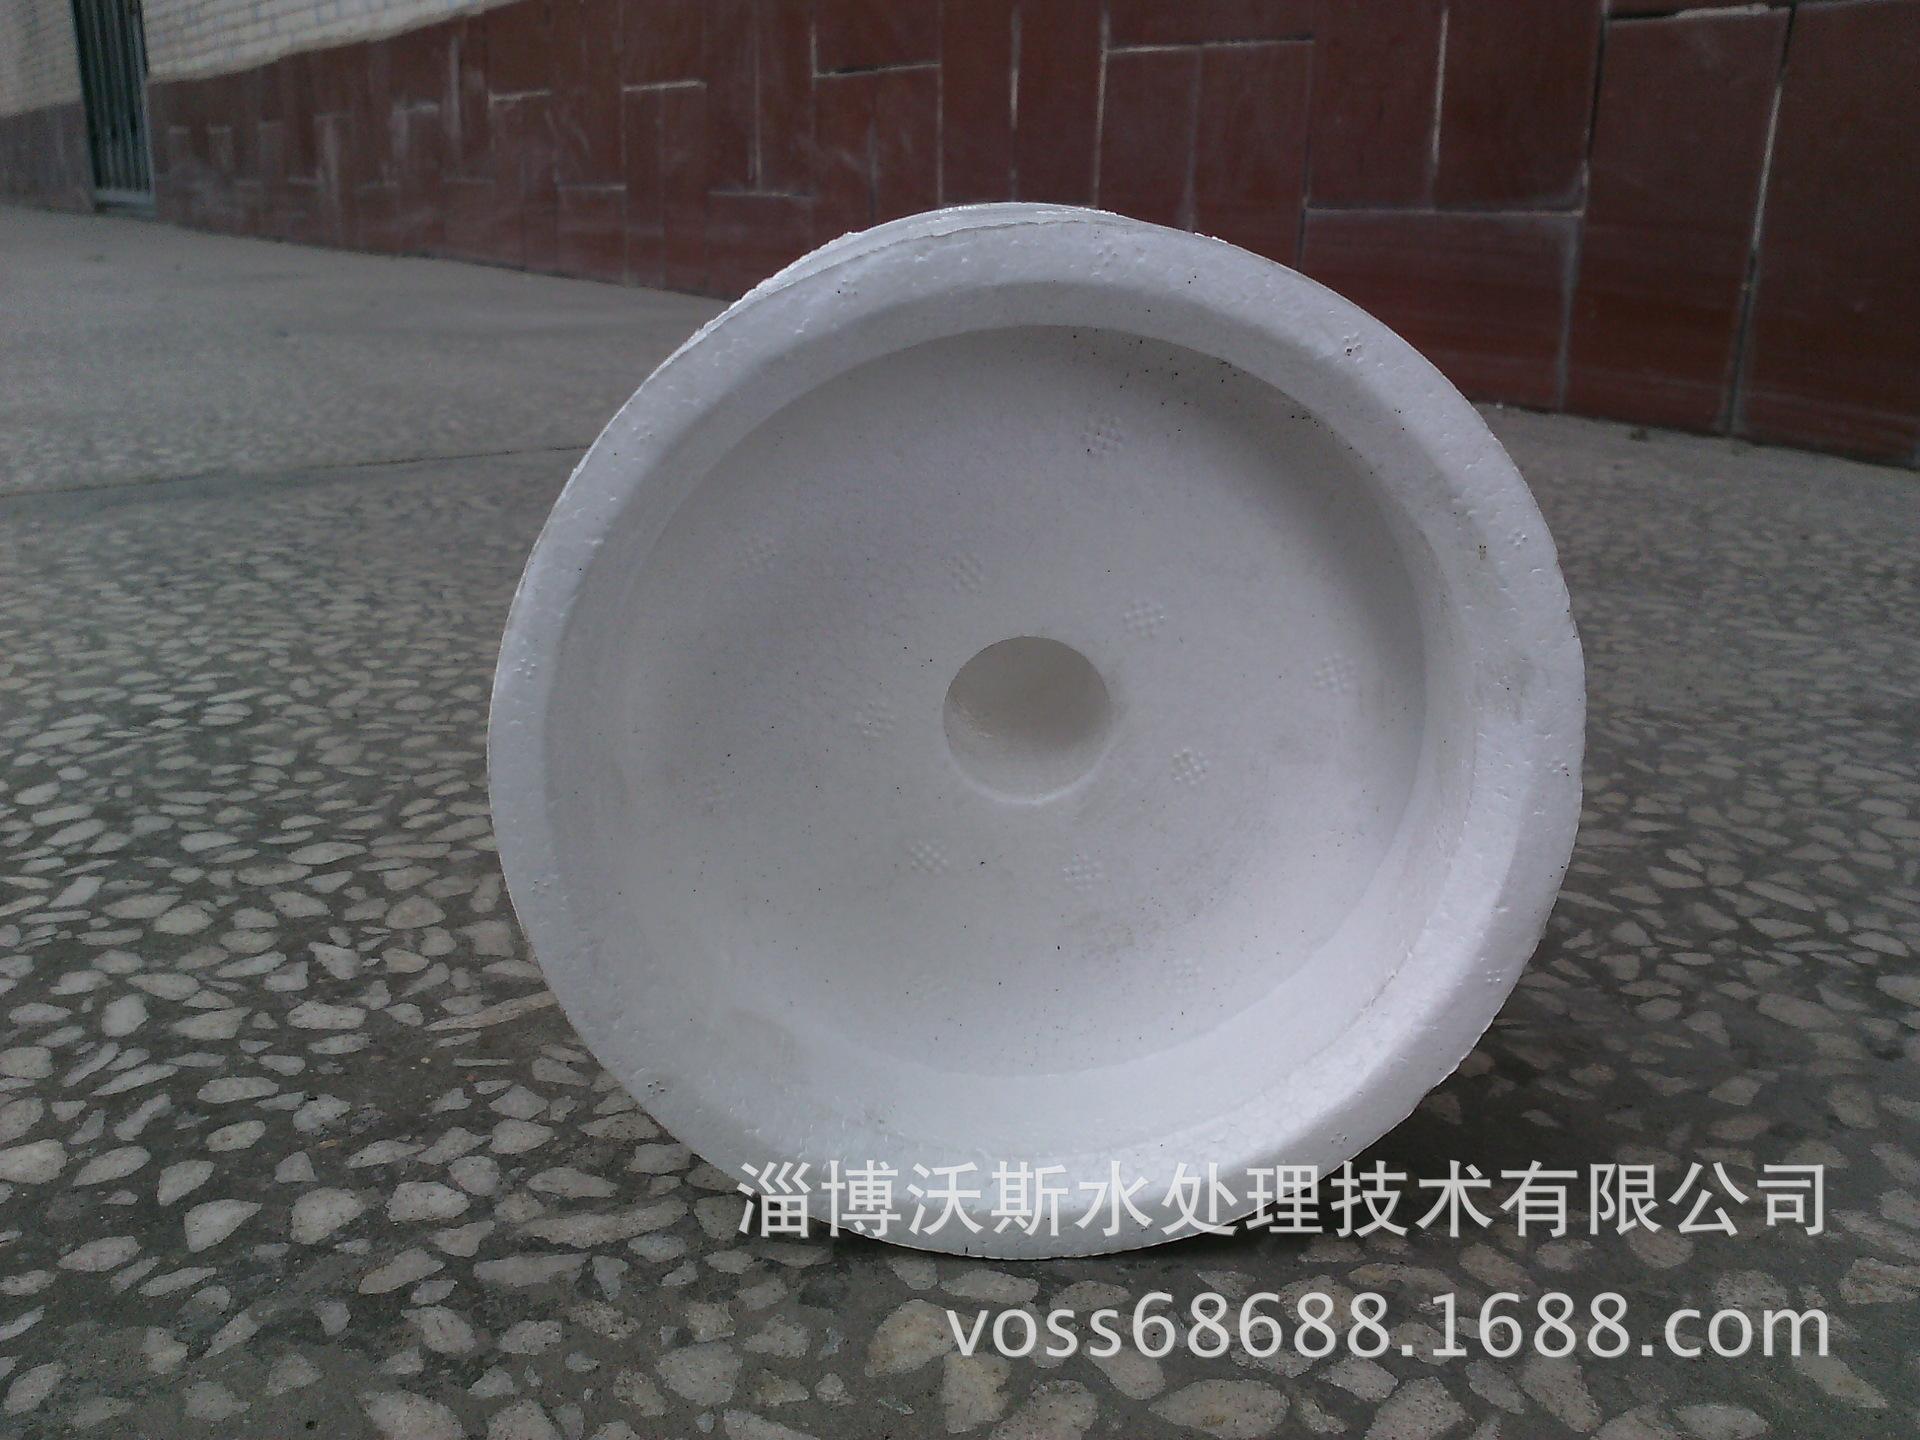 定制生产供应 各种泡沫包装制品 EPS